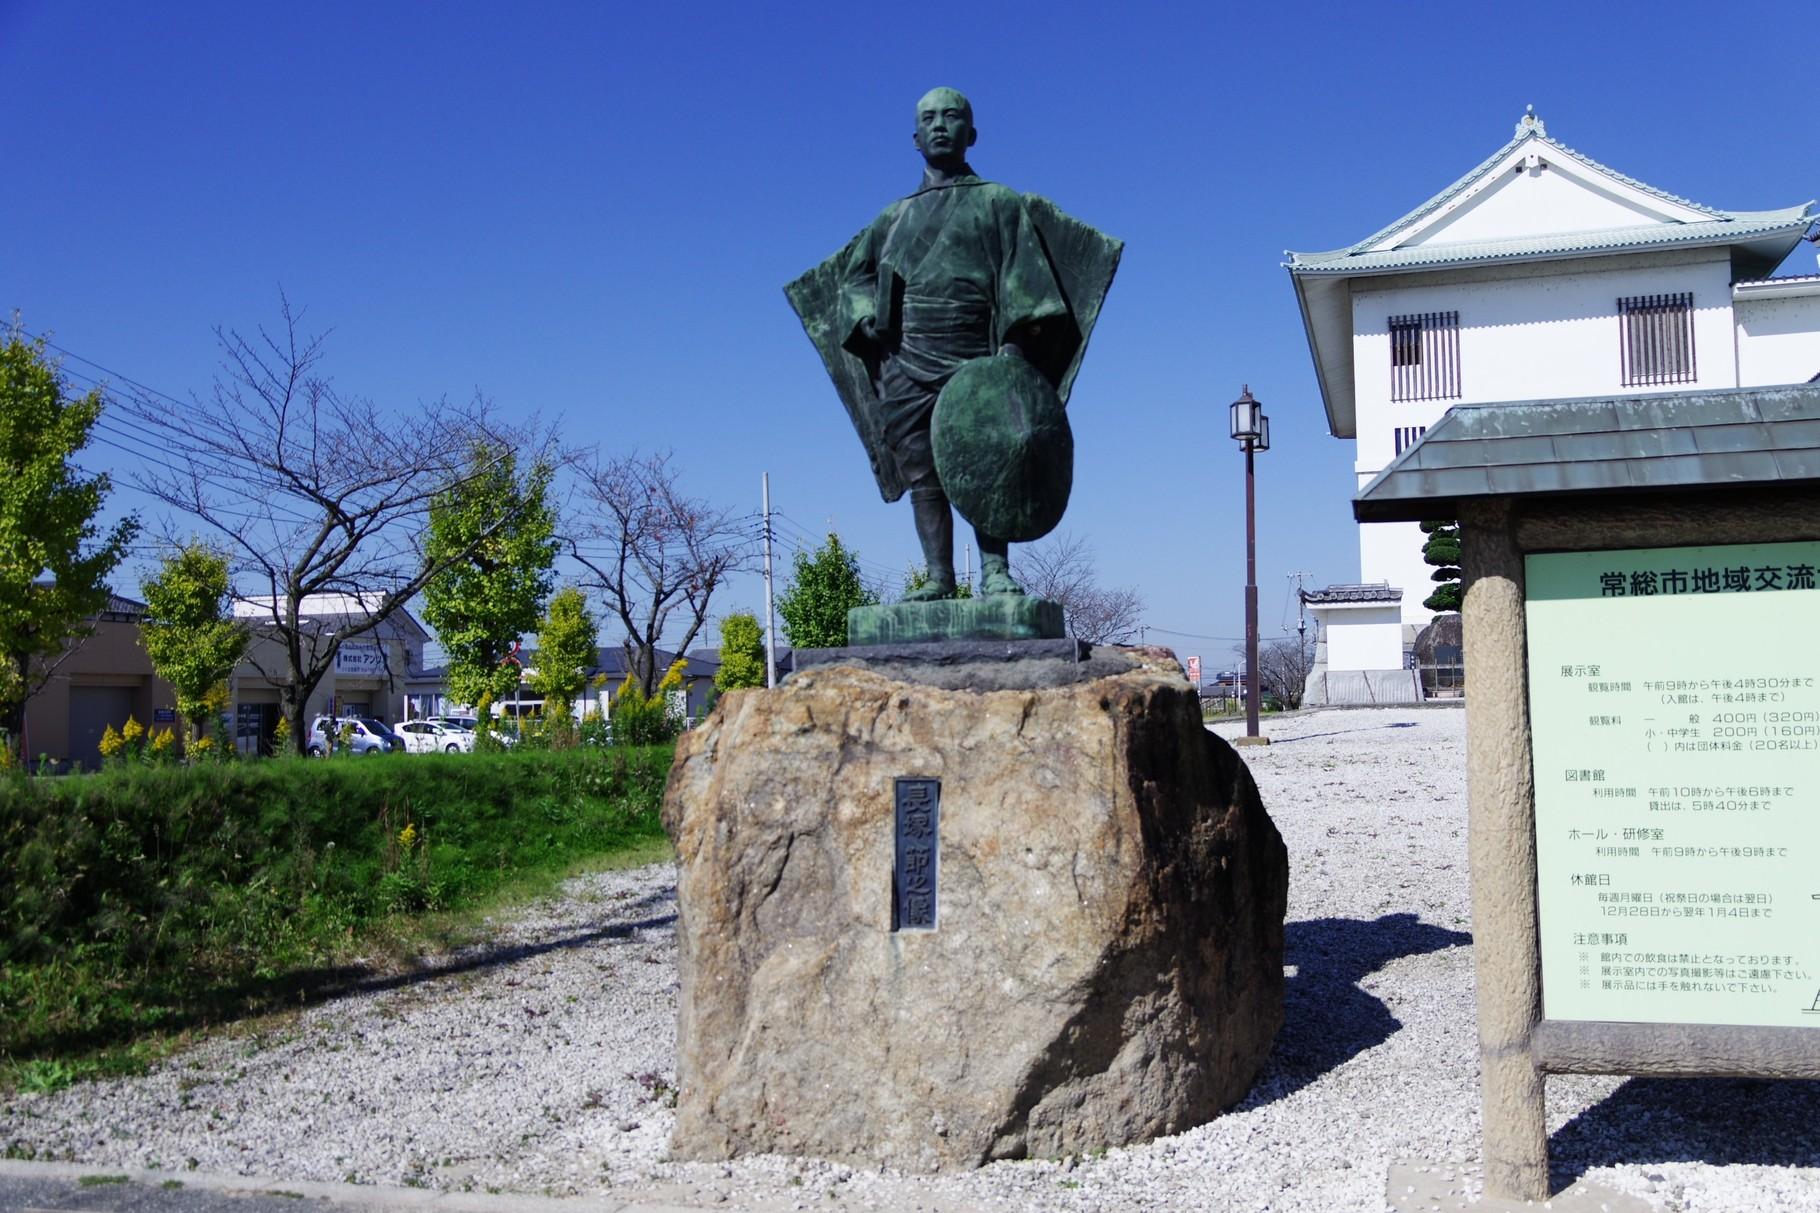 長塚節(たかし)は若宮戸村対岸の国生(こっしょう)村出身